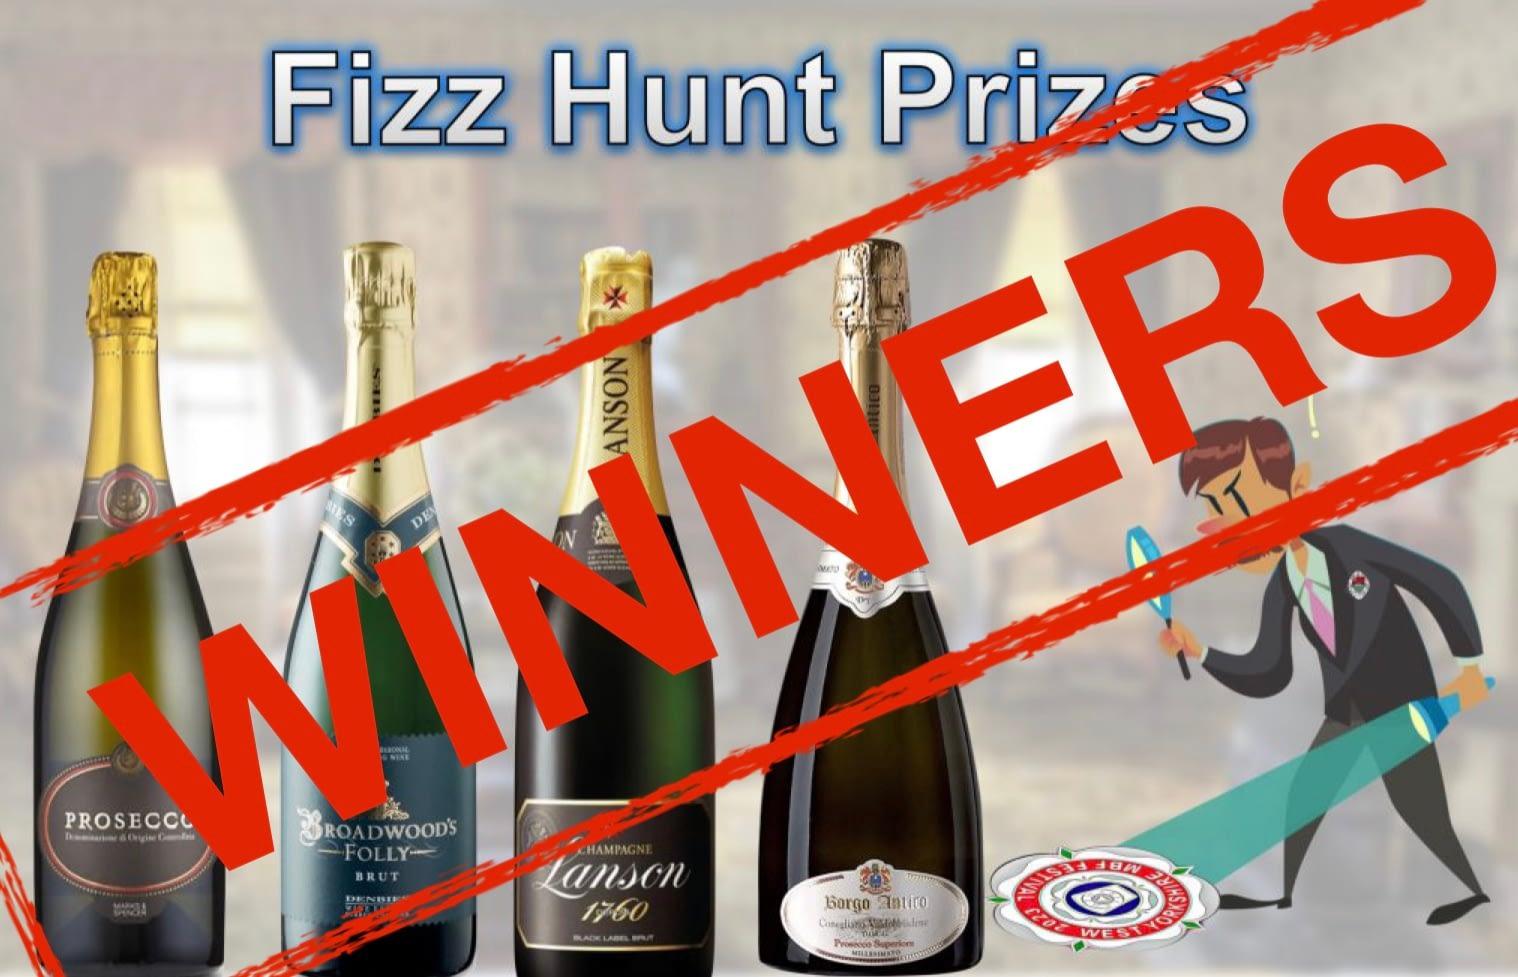 The Great Provincial Fizz Hunt Winners